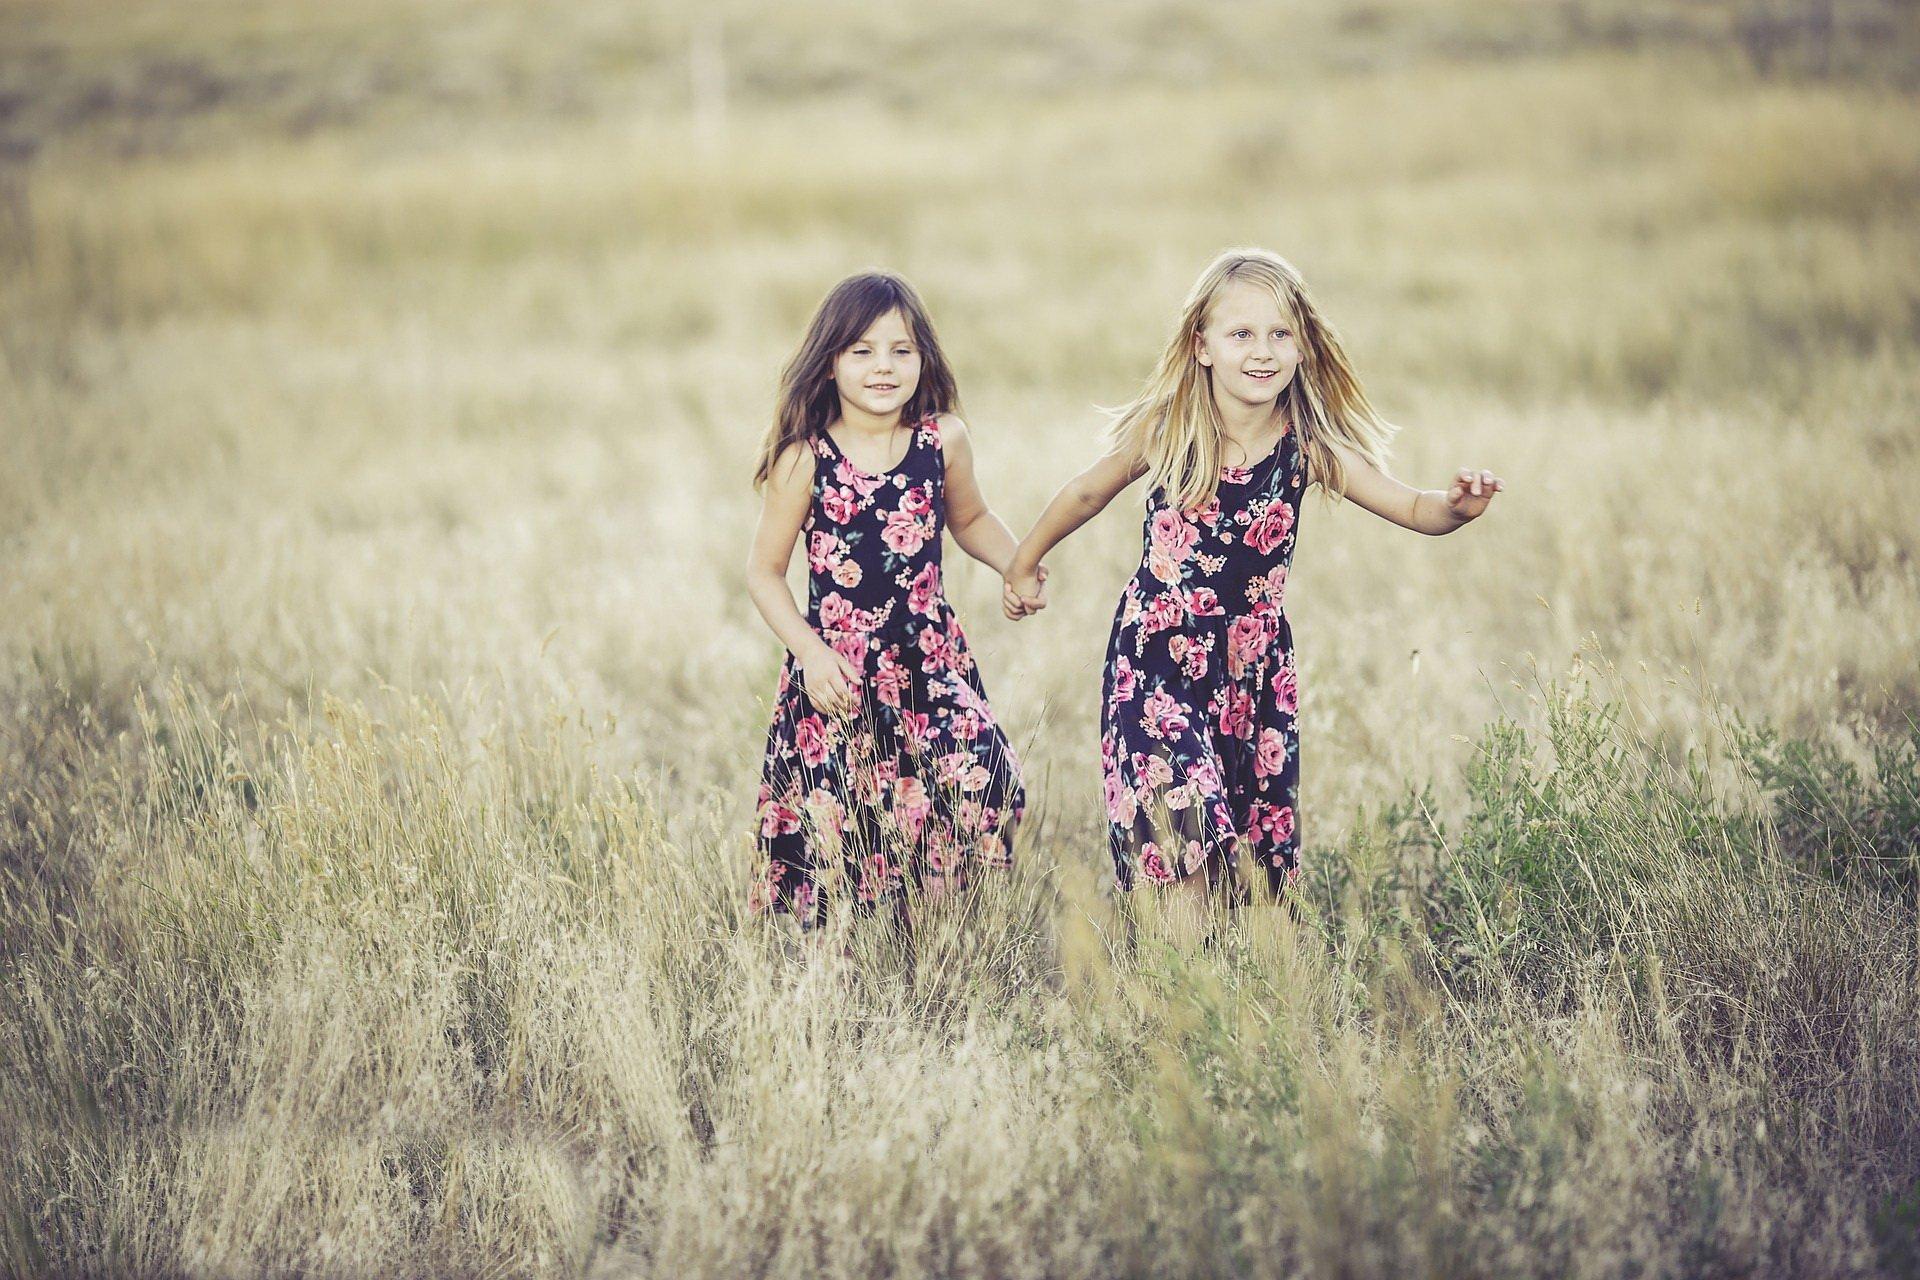 Lato, lato, lato czeka, piosenka dla dzieci na wakacje, tekst i melodia